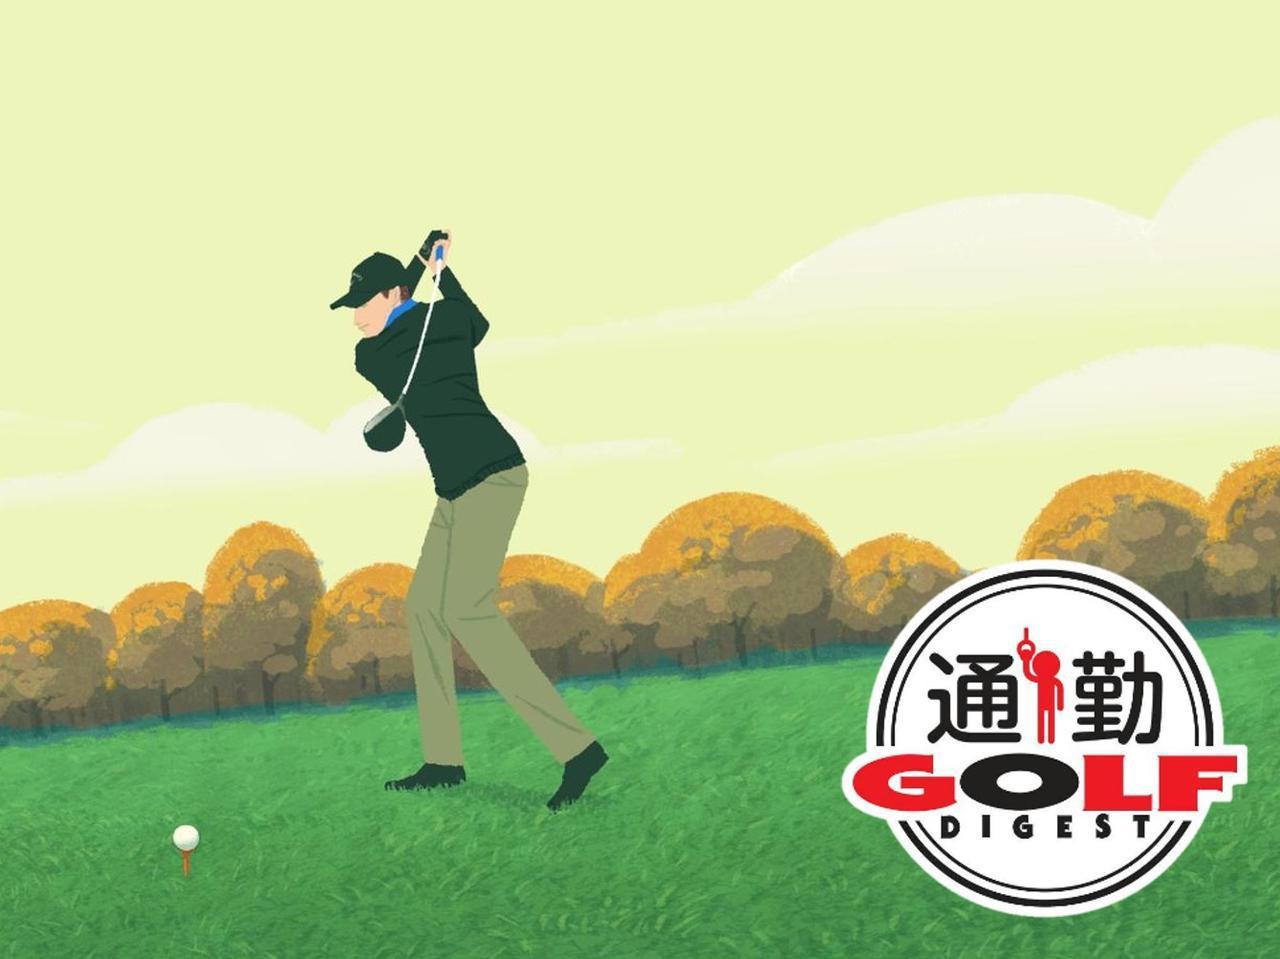 """画像: 【通勤GD】Dr.クォンの反力打法 Vol.49 世界一の飛ばしの秘密は""""外柔内剛"""" ゴルフダイジェストWEB - ゴルフへ行こうWEB by ゴルフダイジェスト"""